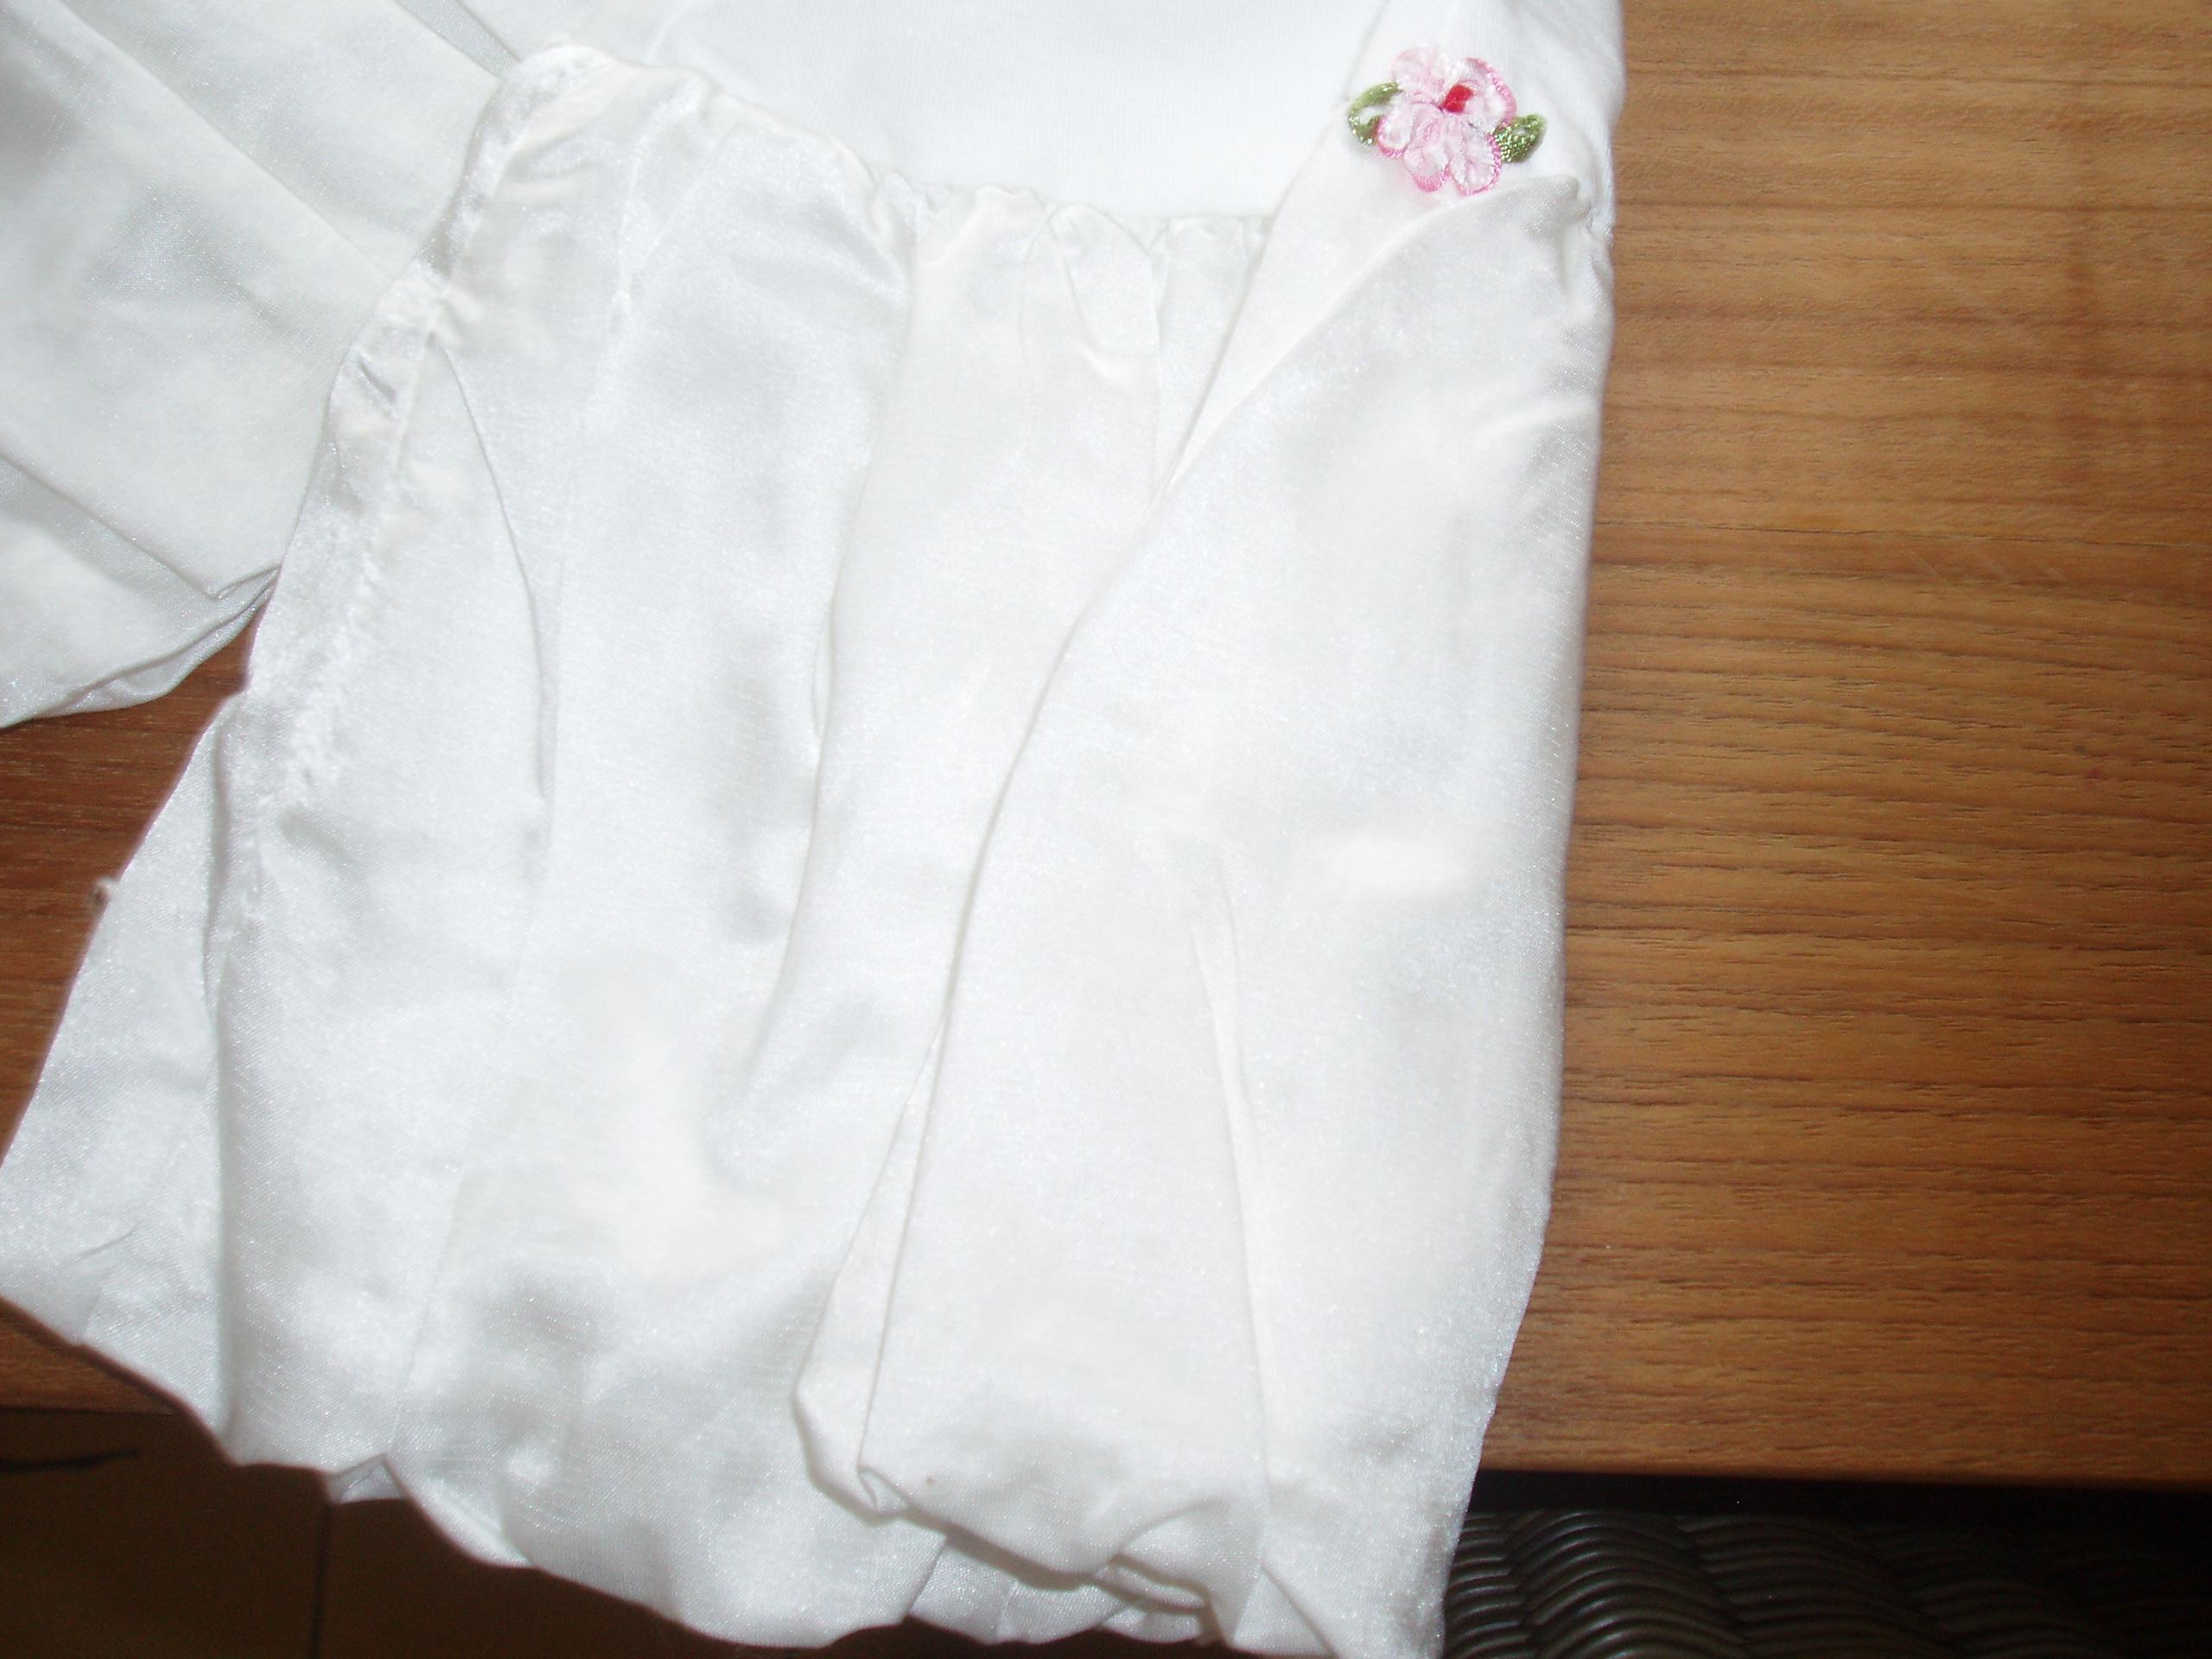 Mowi Kids outlet kinderkleding merkkleding, babykleding, kleding, Airforce, Mim Pi, LoFff, badkleding, winterjassen, Almere. Kinderkleding outlet en merkkleding voor.